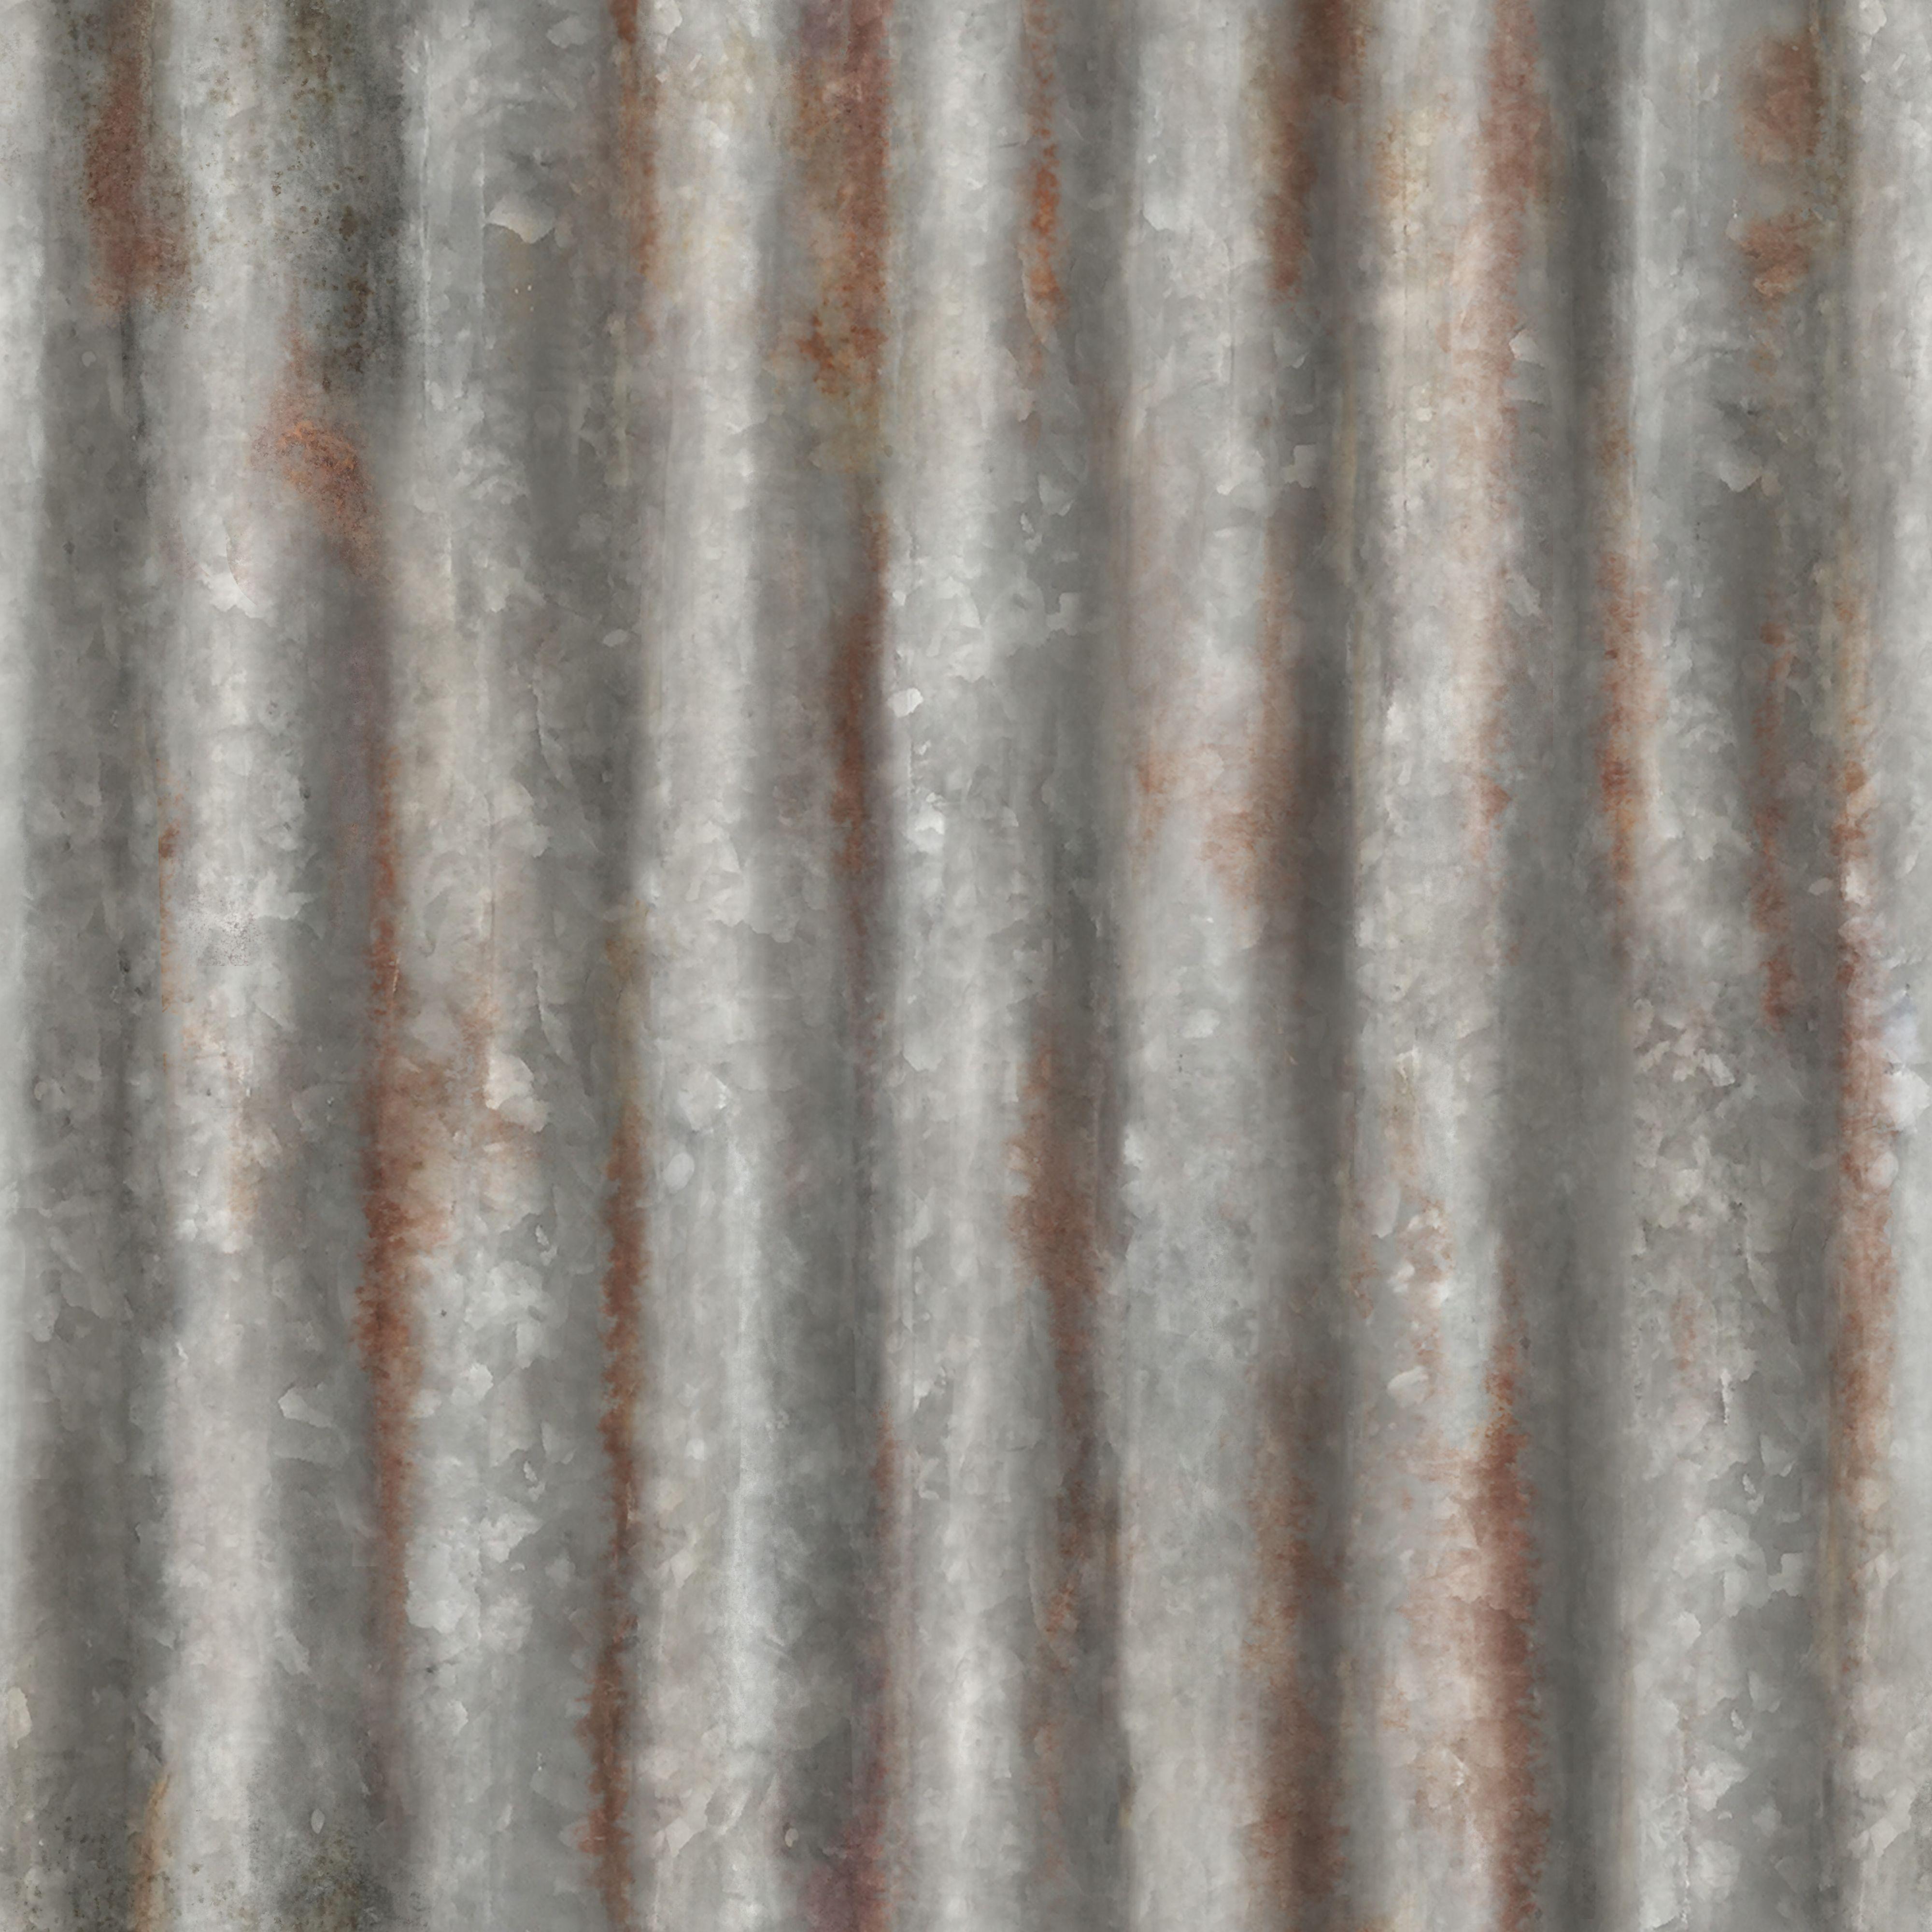 Silver Corrugated Metal Metallic Wallpaper